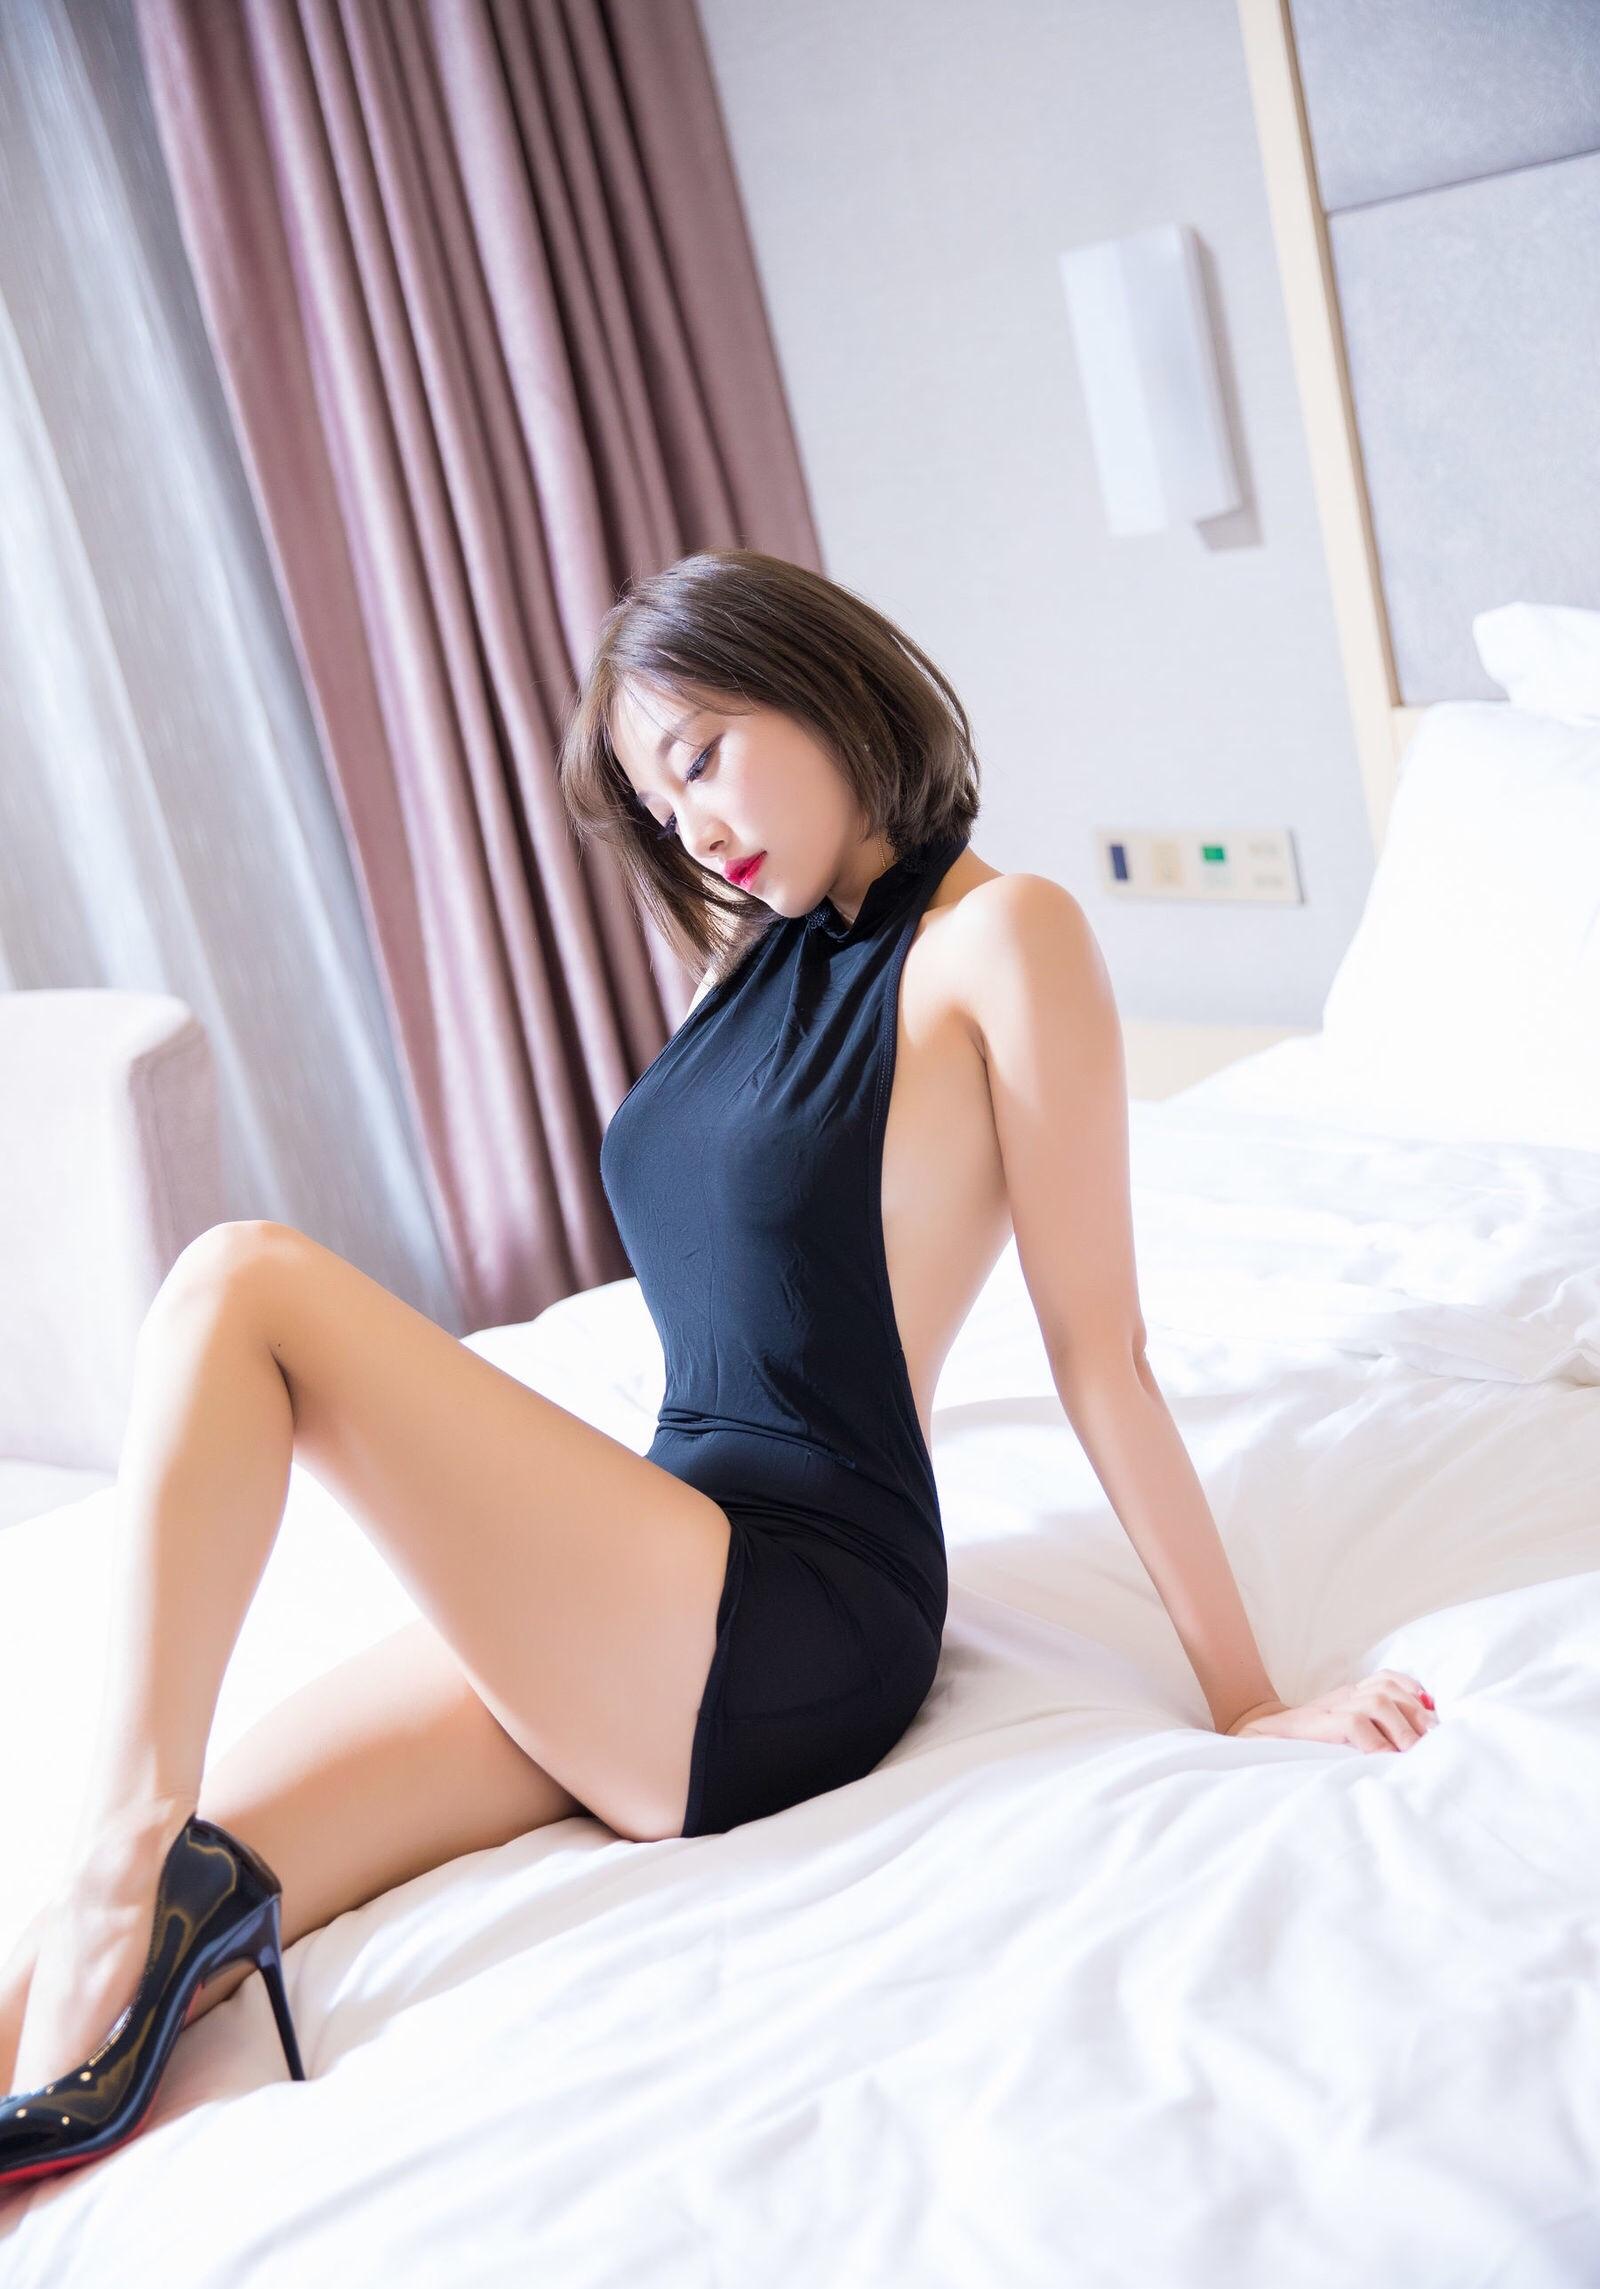 杨晨晨のセクシーすぎるボディコンドレス 13